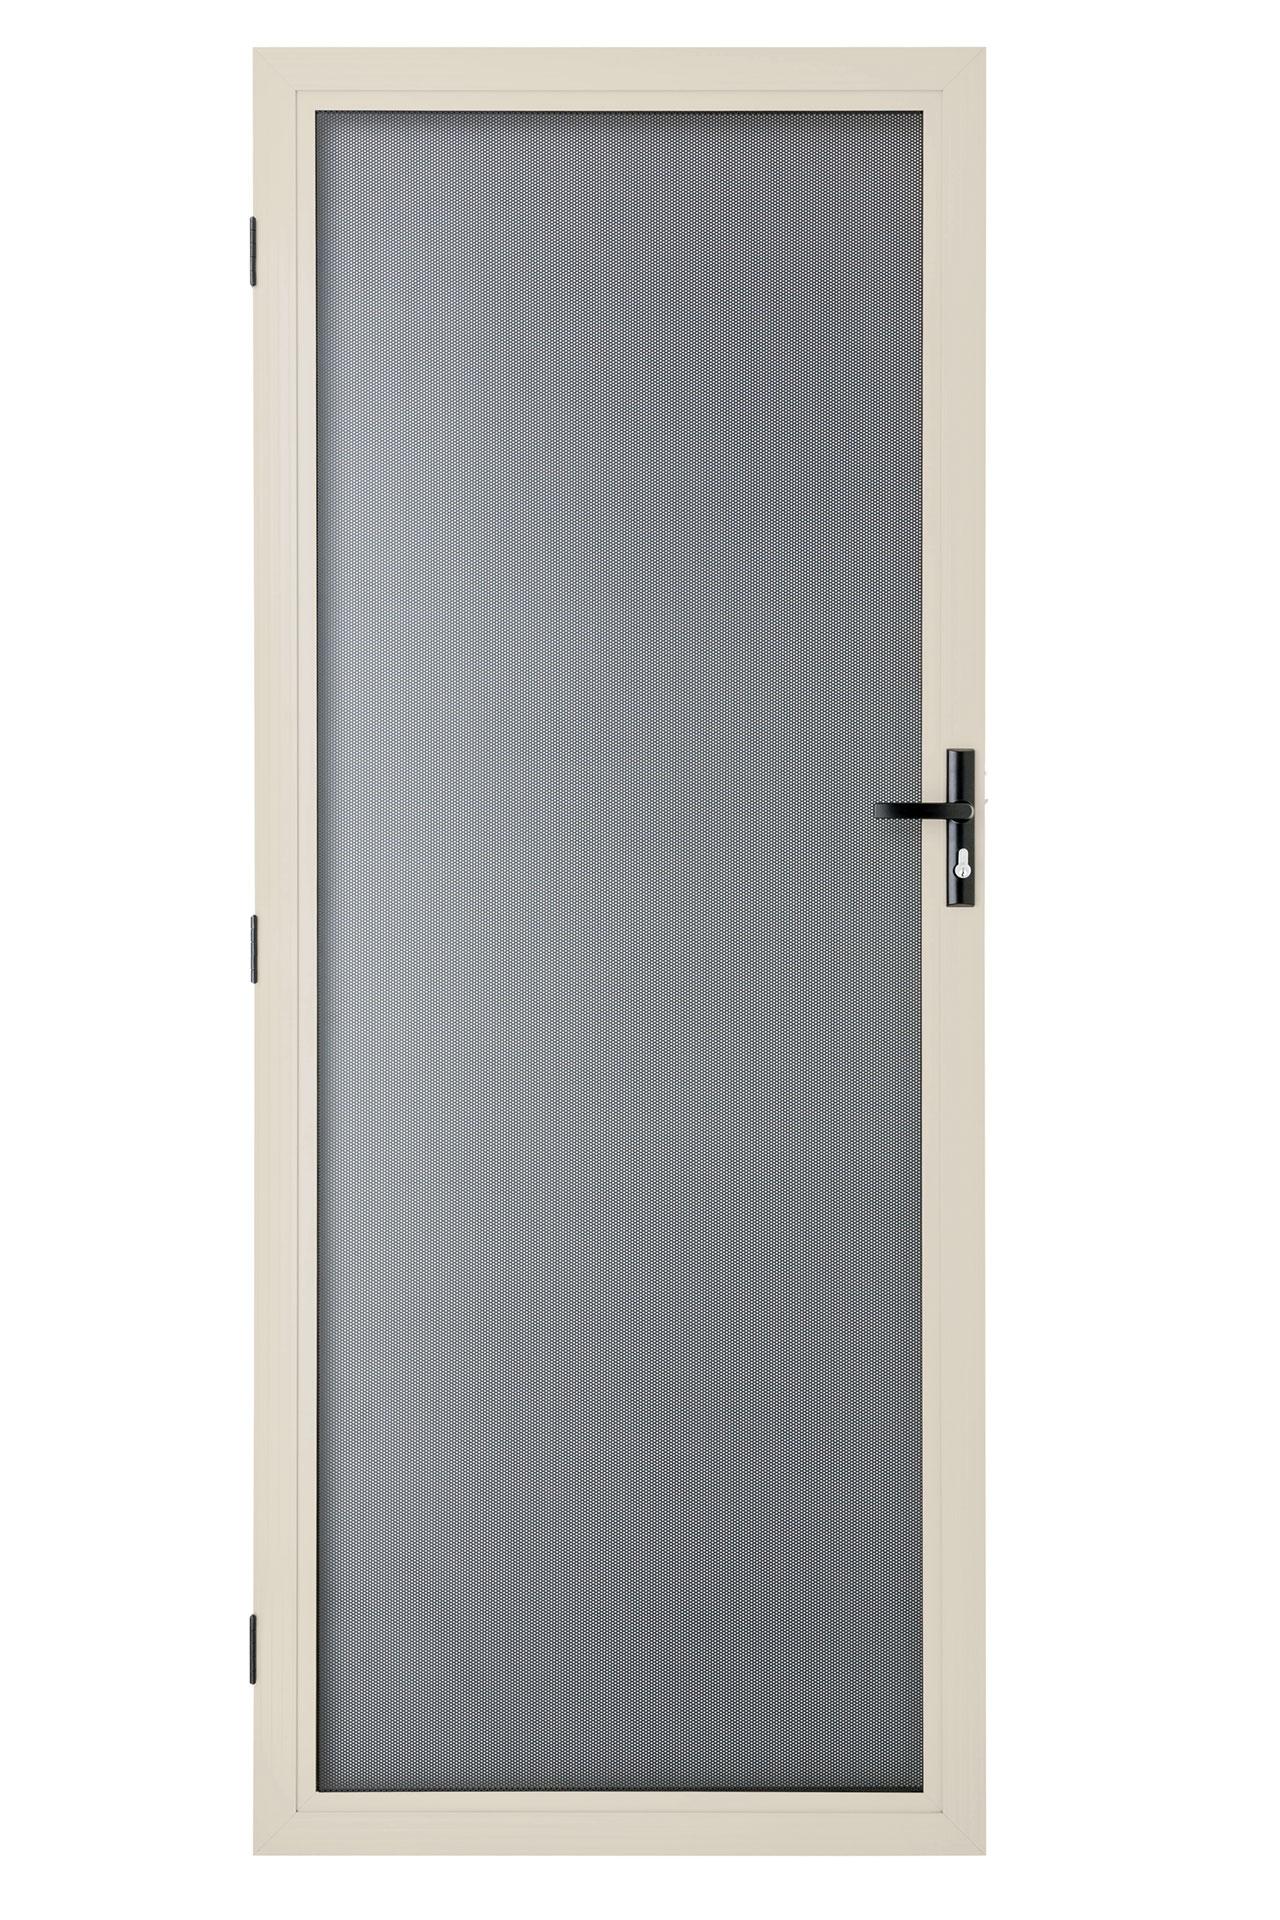 Amplimesh single security door